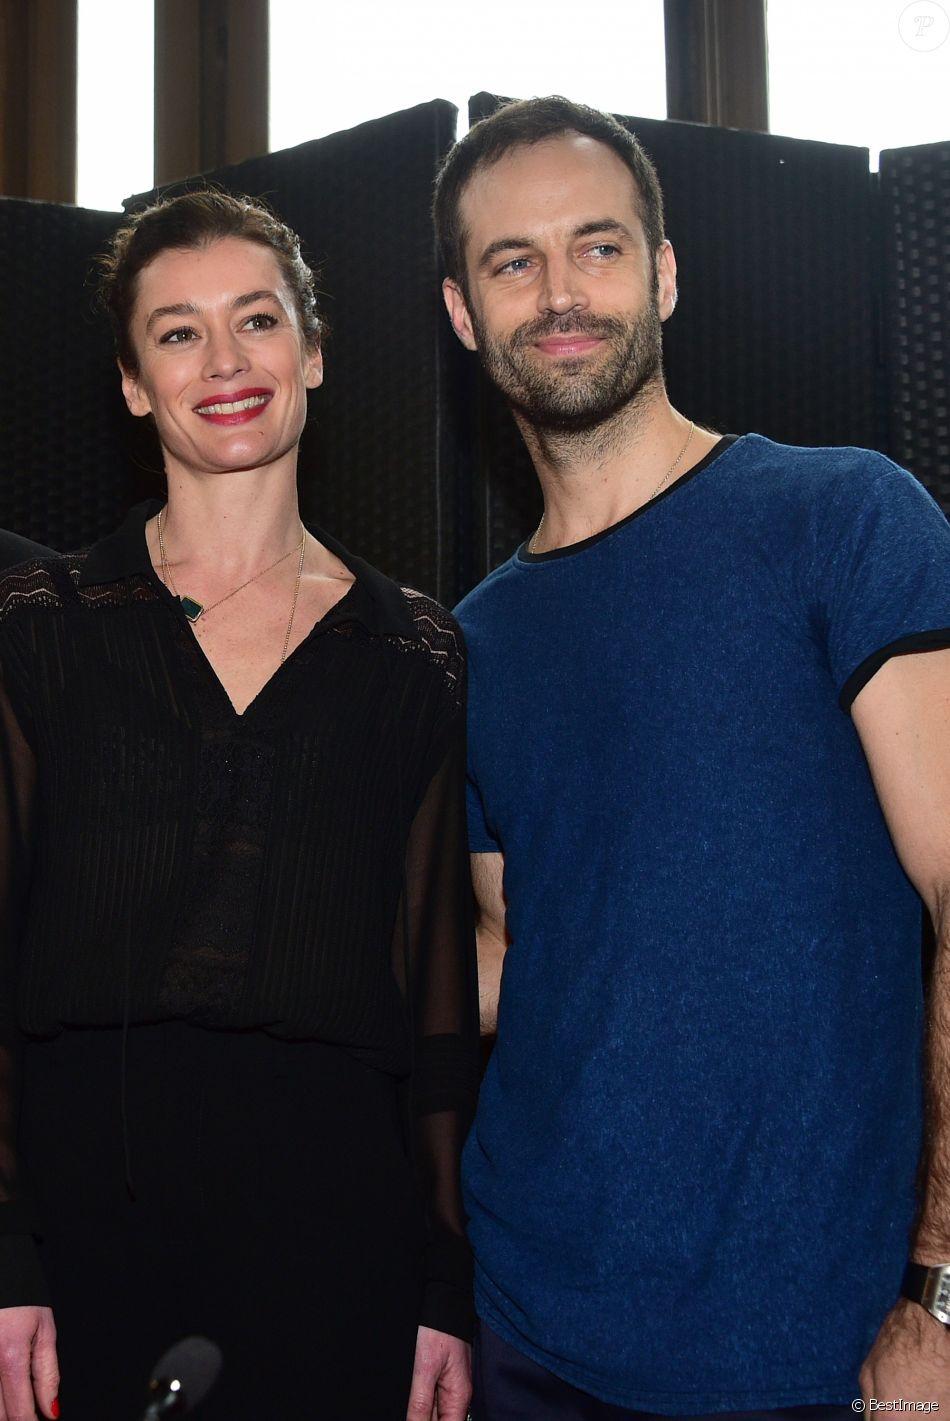 Stéphane Lissner (le directeur de l'Opéra de Paris), Benjamin Millepied (directeur de la danse à l'Opéra de Pari) et Aurélie Dupont (la nouvelle directrice de la danse à l'Opéra de Paris) lors de la conférence de presse à l'Opéra de Paris, le 4 février 2016.